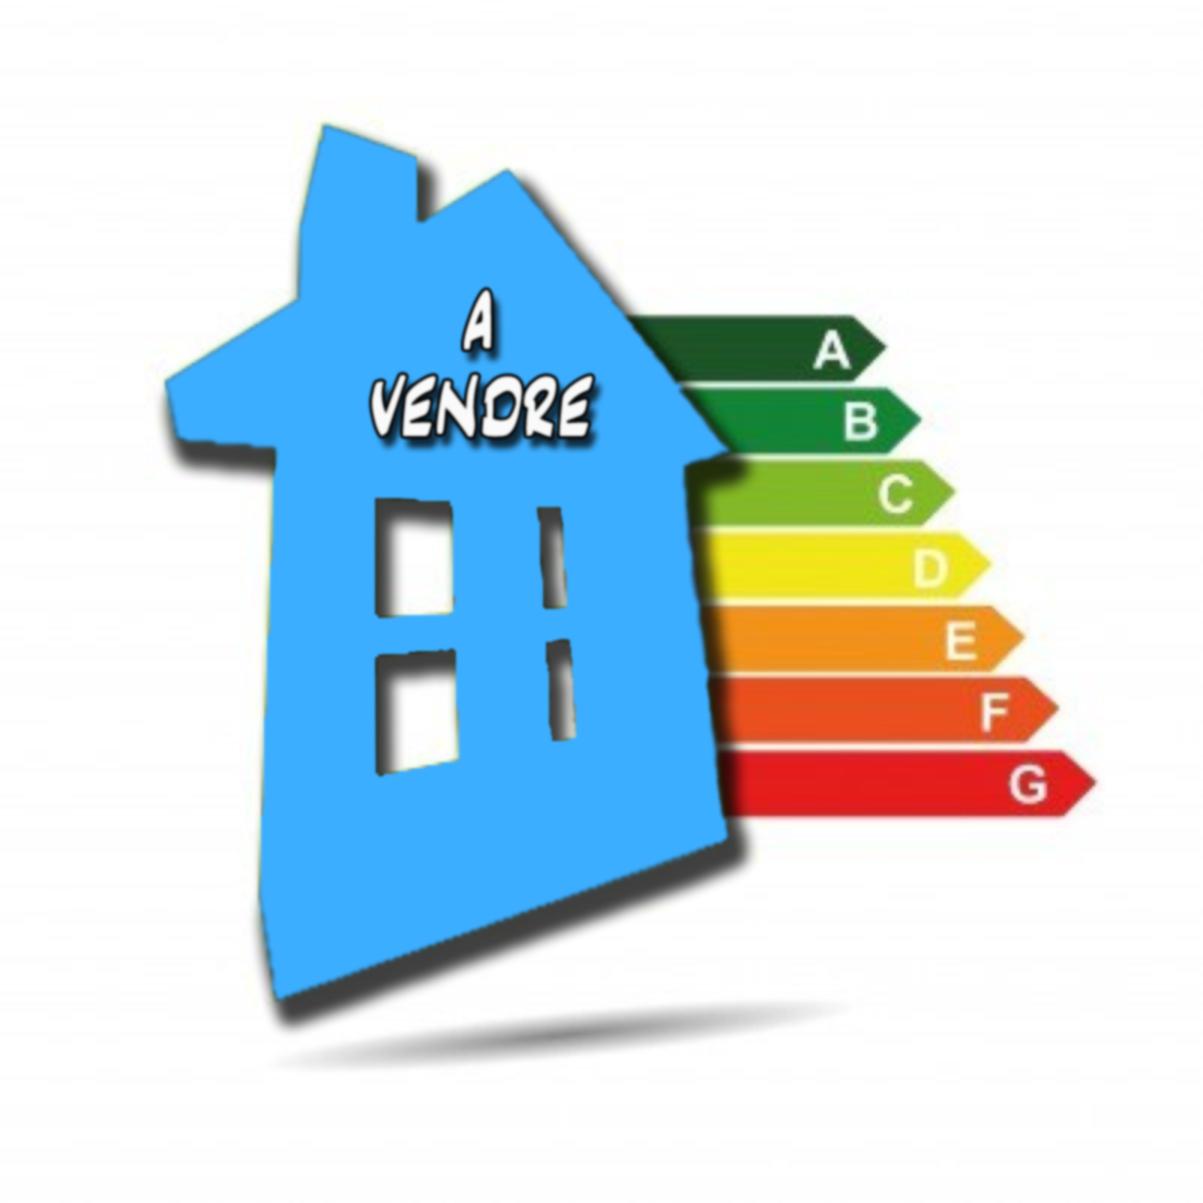 Agence immobilière : ne soyez pas trop confiant sur vos capacités